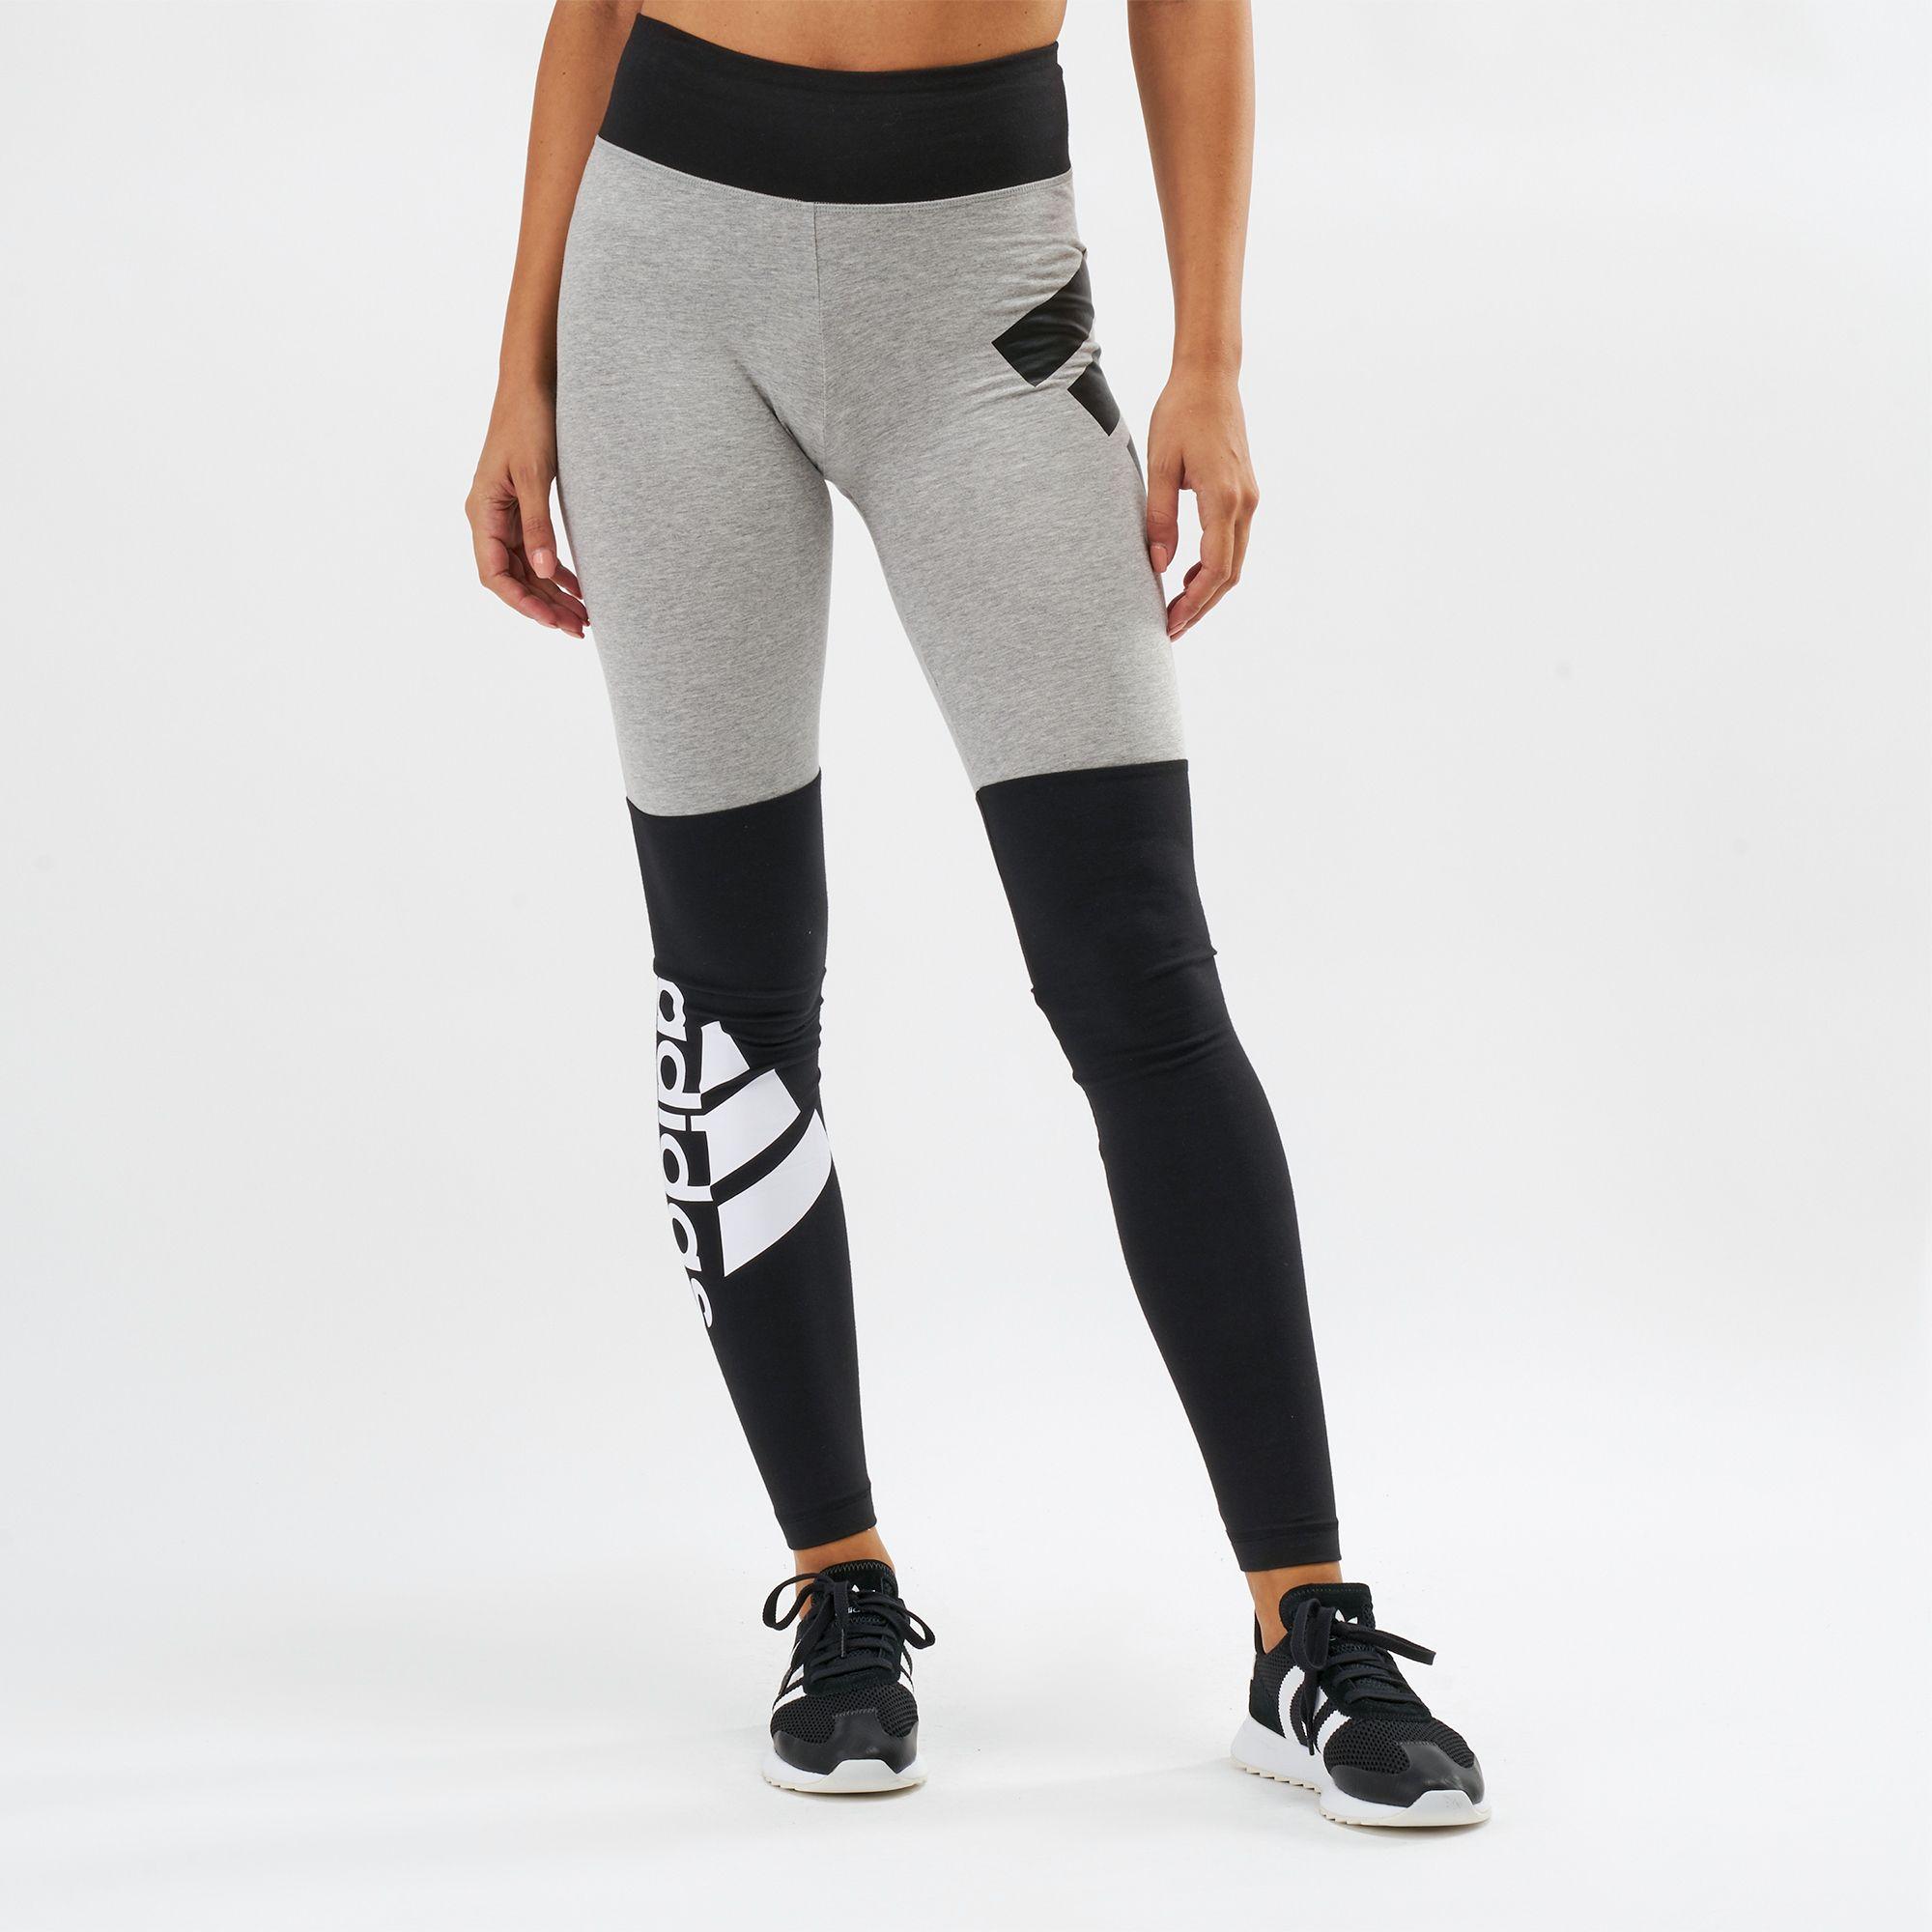 legging sport adidas